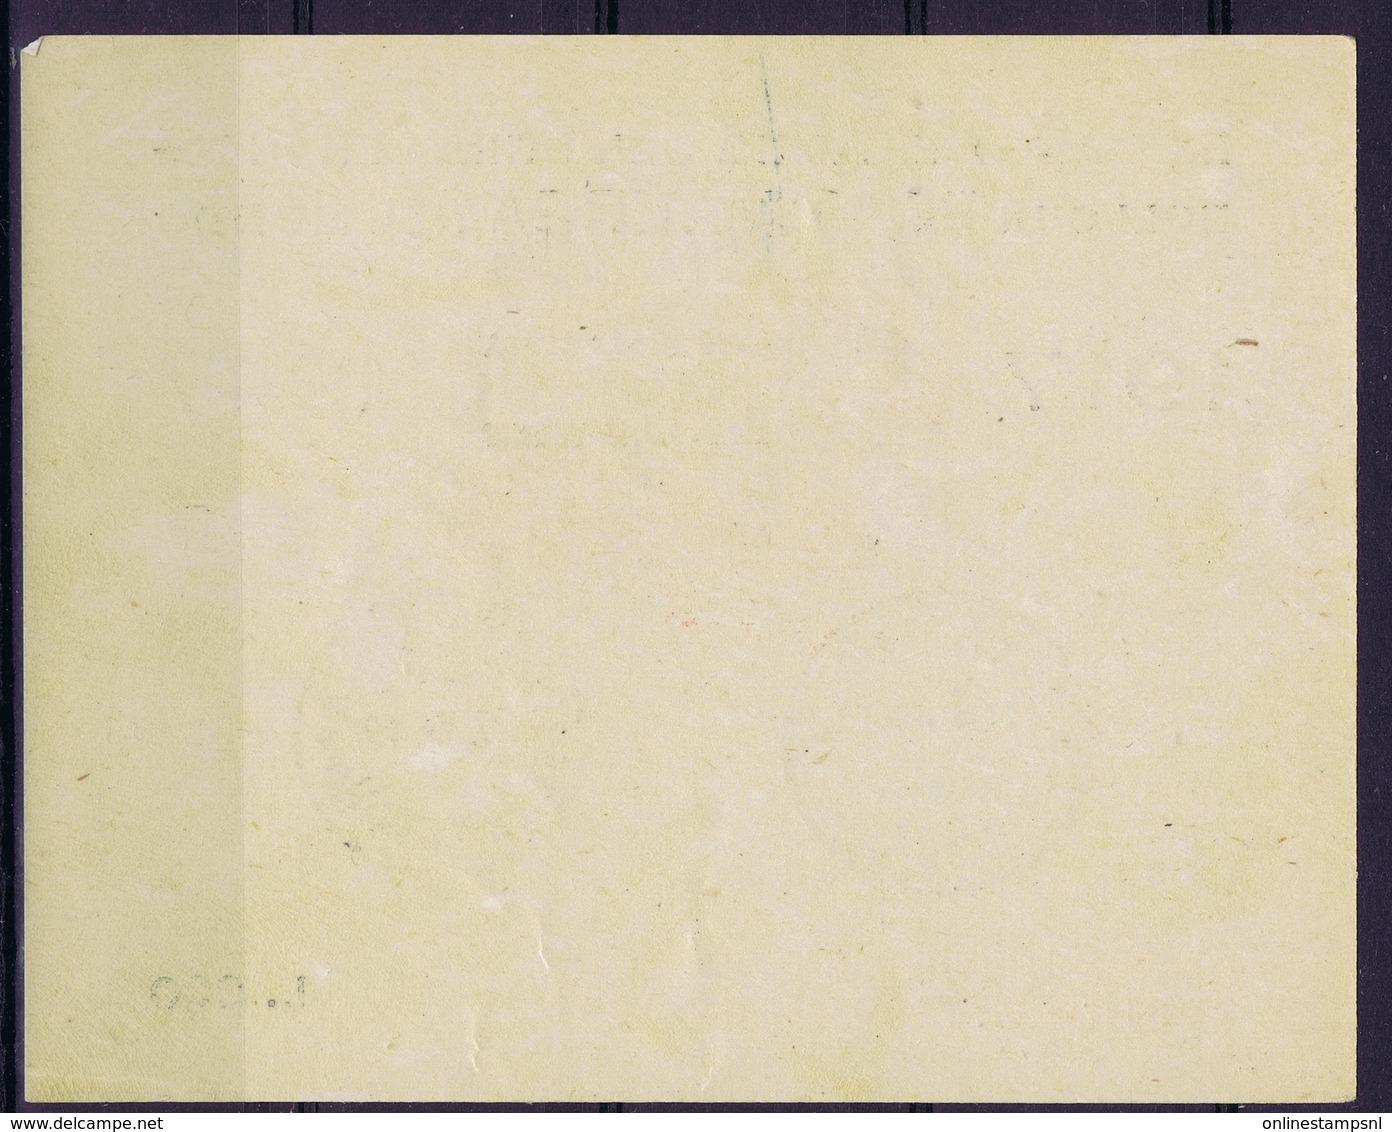 ITALY XXX  ANNIVERSARIO DEL PRIMO FRANCOBOLLO DI POSTA AEREA NEL MONDO 1917-1947   TORINO 1947 - 1900-44 Victor Emmanuel III